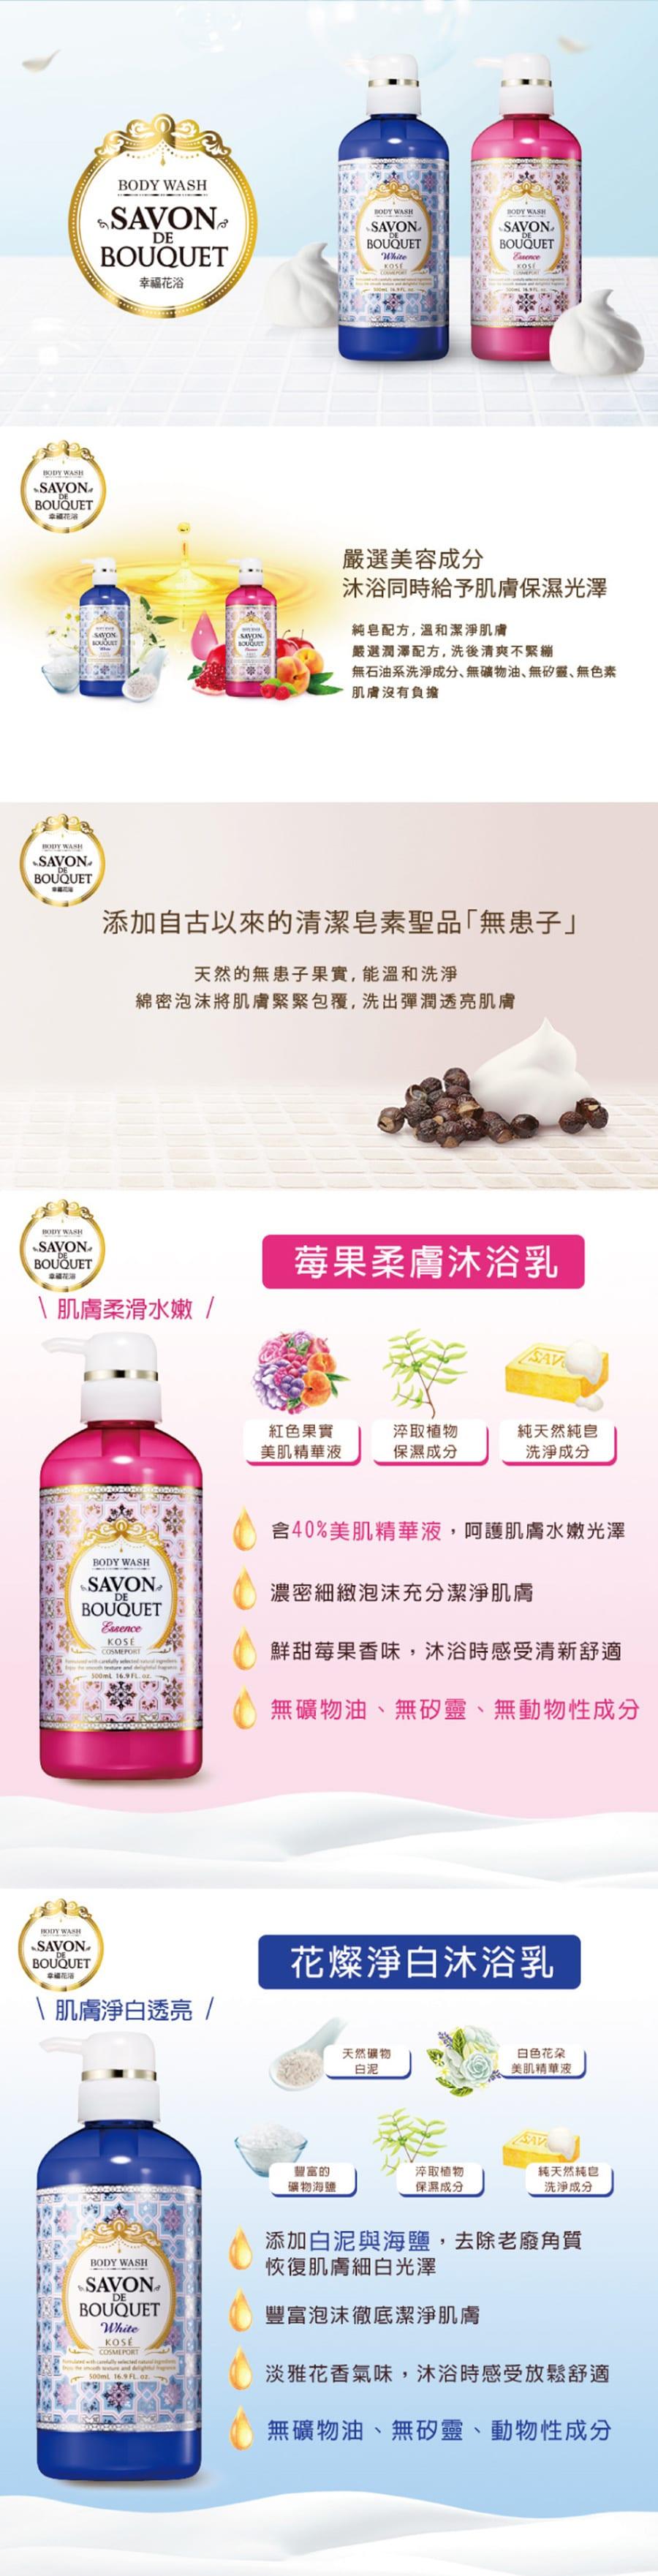 Savon De Bouquet Body Wash - Feature 1